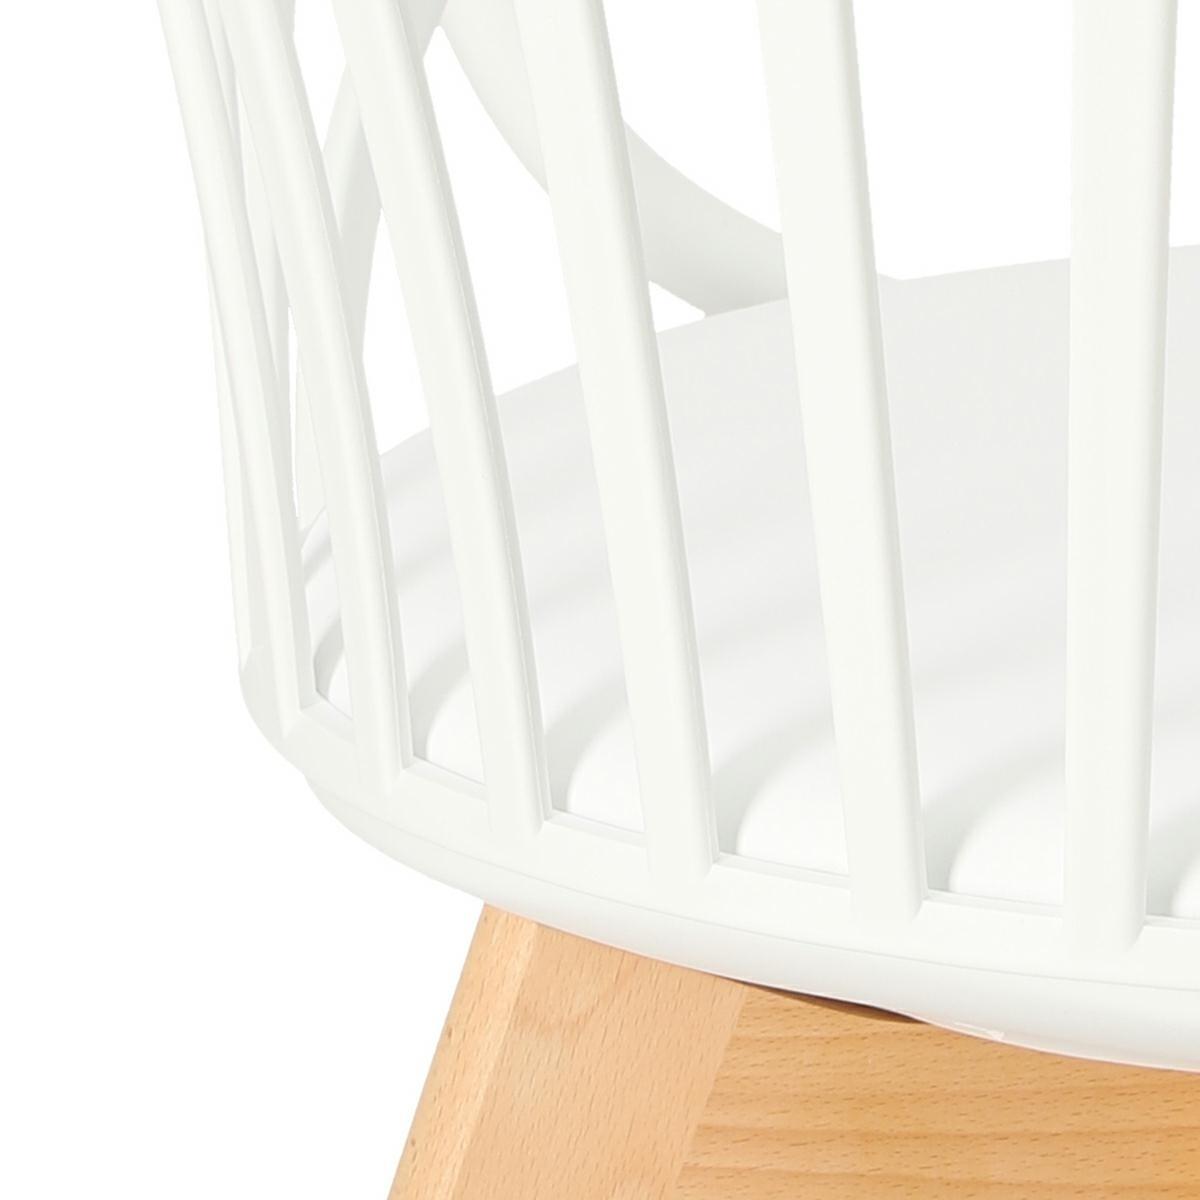 Krzesło Sirena z podłokietnikami białe - zdjęcie nr 13